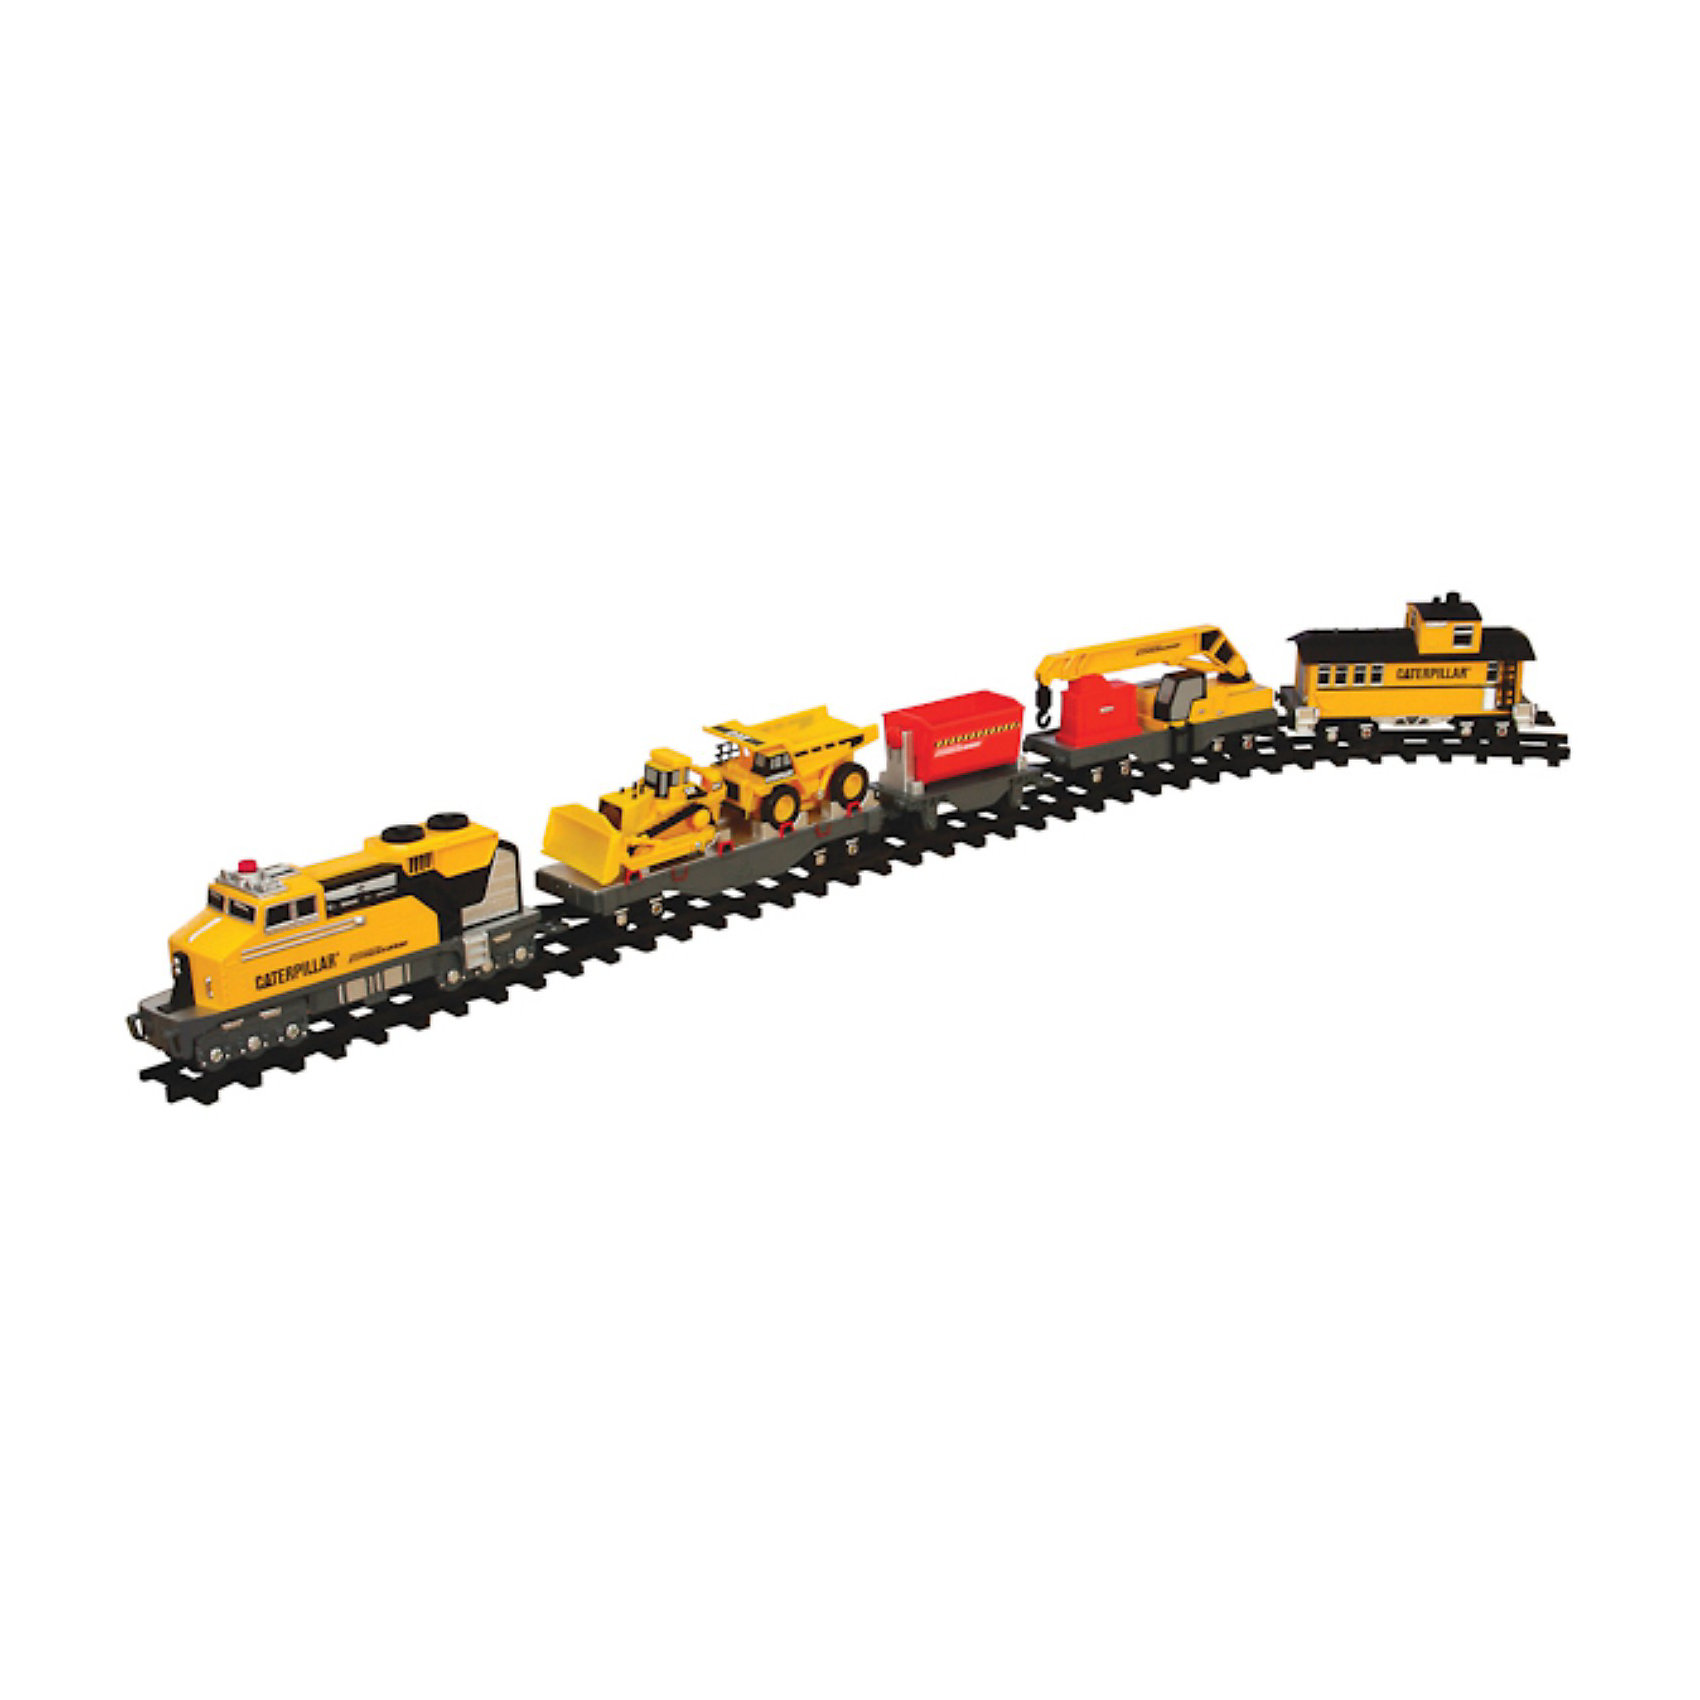 Железная дорога со строительной техникой, ToystateИгрушечная железная дорога одна из самых любимых детских игрушек. Собрать полотно, и запустить по нему локомотив с вагонами мечта любого мальчишки. В  набор строительного поезда помимо локомотива входит платформа для перевозки техники, опорный кран, саморазгружающийся вагон и вагон для рабочих. На платформе установлена строительная техника - самосвал и бульдозер. При необходимости их можно снять и играть ими отдельно. Длина железной дороги составляет 4 метра. Игрушка выполнена из высококачественного, нетоксичного и прочного материала, что гарантирует безопасность вашего ребенка. <br><br>Дополнительная информация:<br><br>- В комплекте: электропоезд, 4 метра железнодорожного полотна, 2 съемные машины со свободным ходом колес, опорный кран, саморазгружающийся грузовой вагон с двумя камнями<br>- Работает от батареек типа ААА (3 шт.) - в комплект не входят<br>- Материал: металл, пластмасса<br>- Размер коробки: 19x54x31 см.<br><br>Железную дорогу со строительной техникой, Toystate можно купить в нашем интернет-магазине.<br><br>Ширина мм: 570<br>Глубина мм: 330<br>Высота мм: 550<br>Вес г: 2730<br>Возраст от месяцев: 24<br>Возраст до месяцев: 60<br>Пол: Мужской<br>Возраст: Детский<br>SKU: 3665520